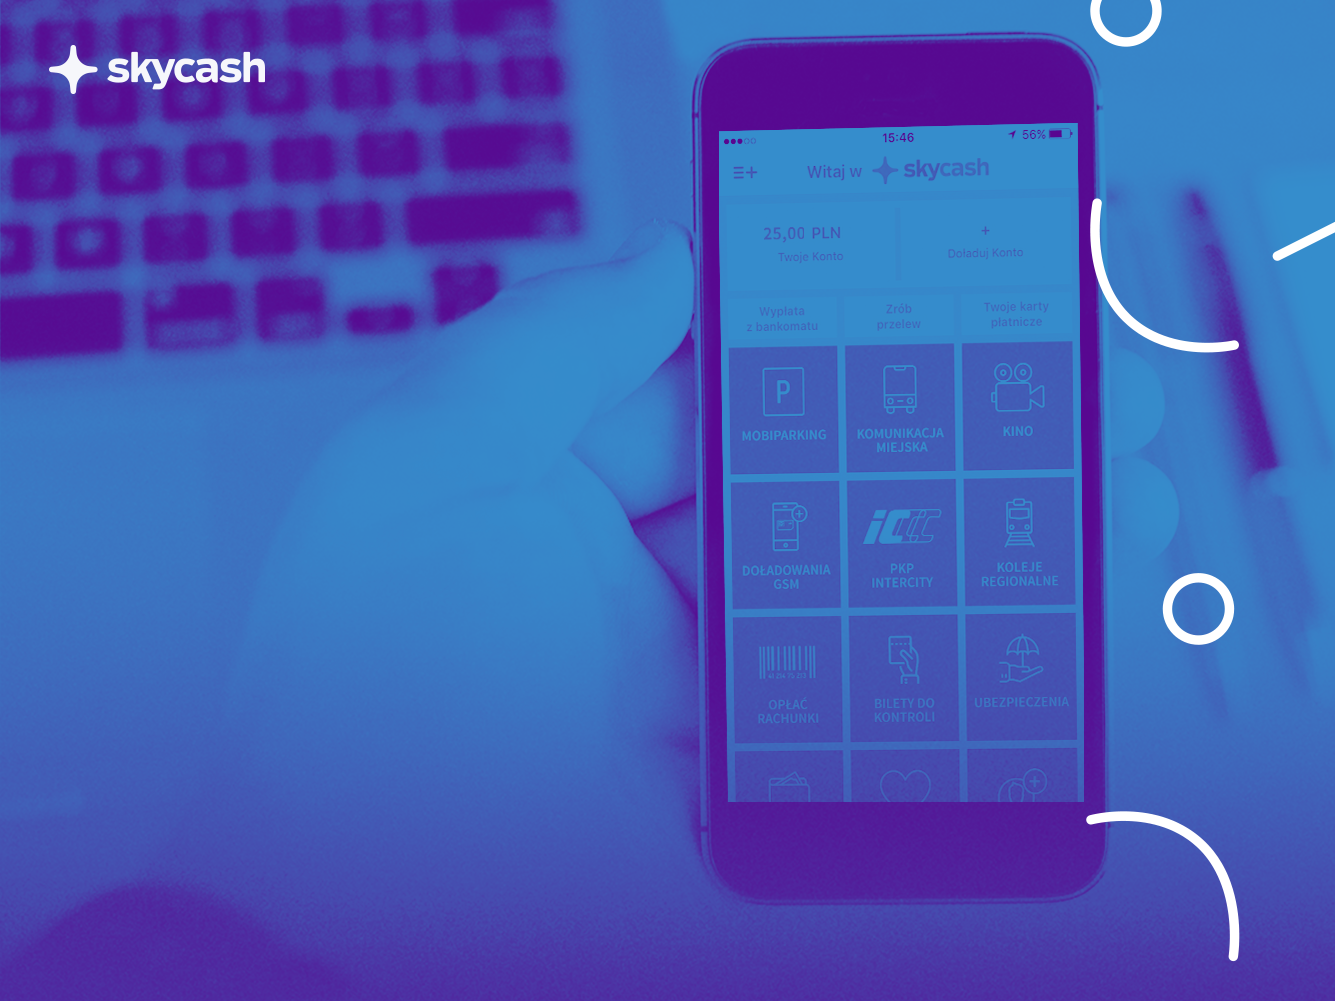 Już 2 miliony transakcji w SkyCash w październiku!